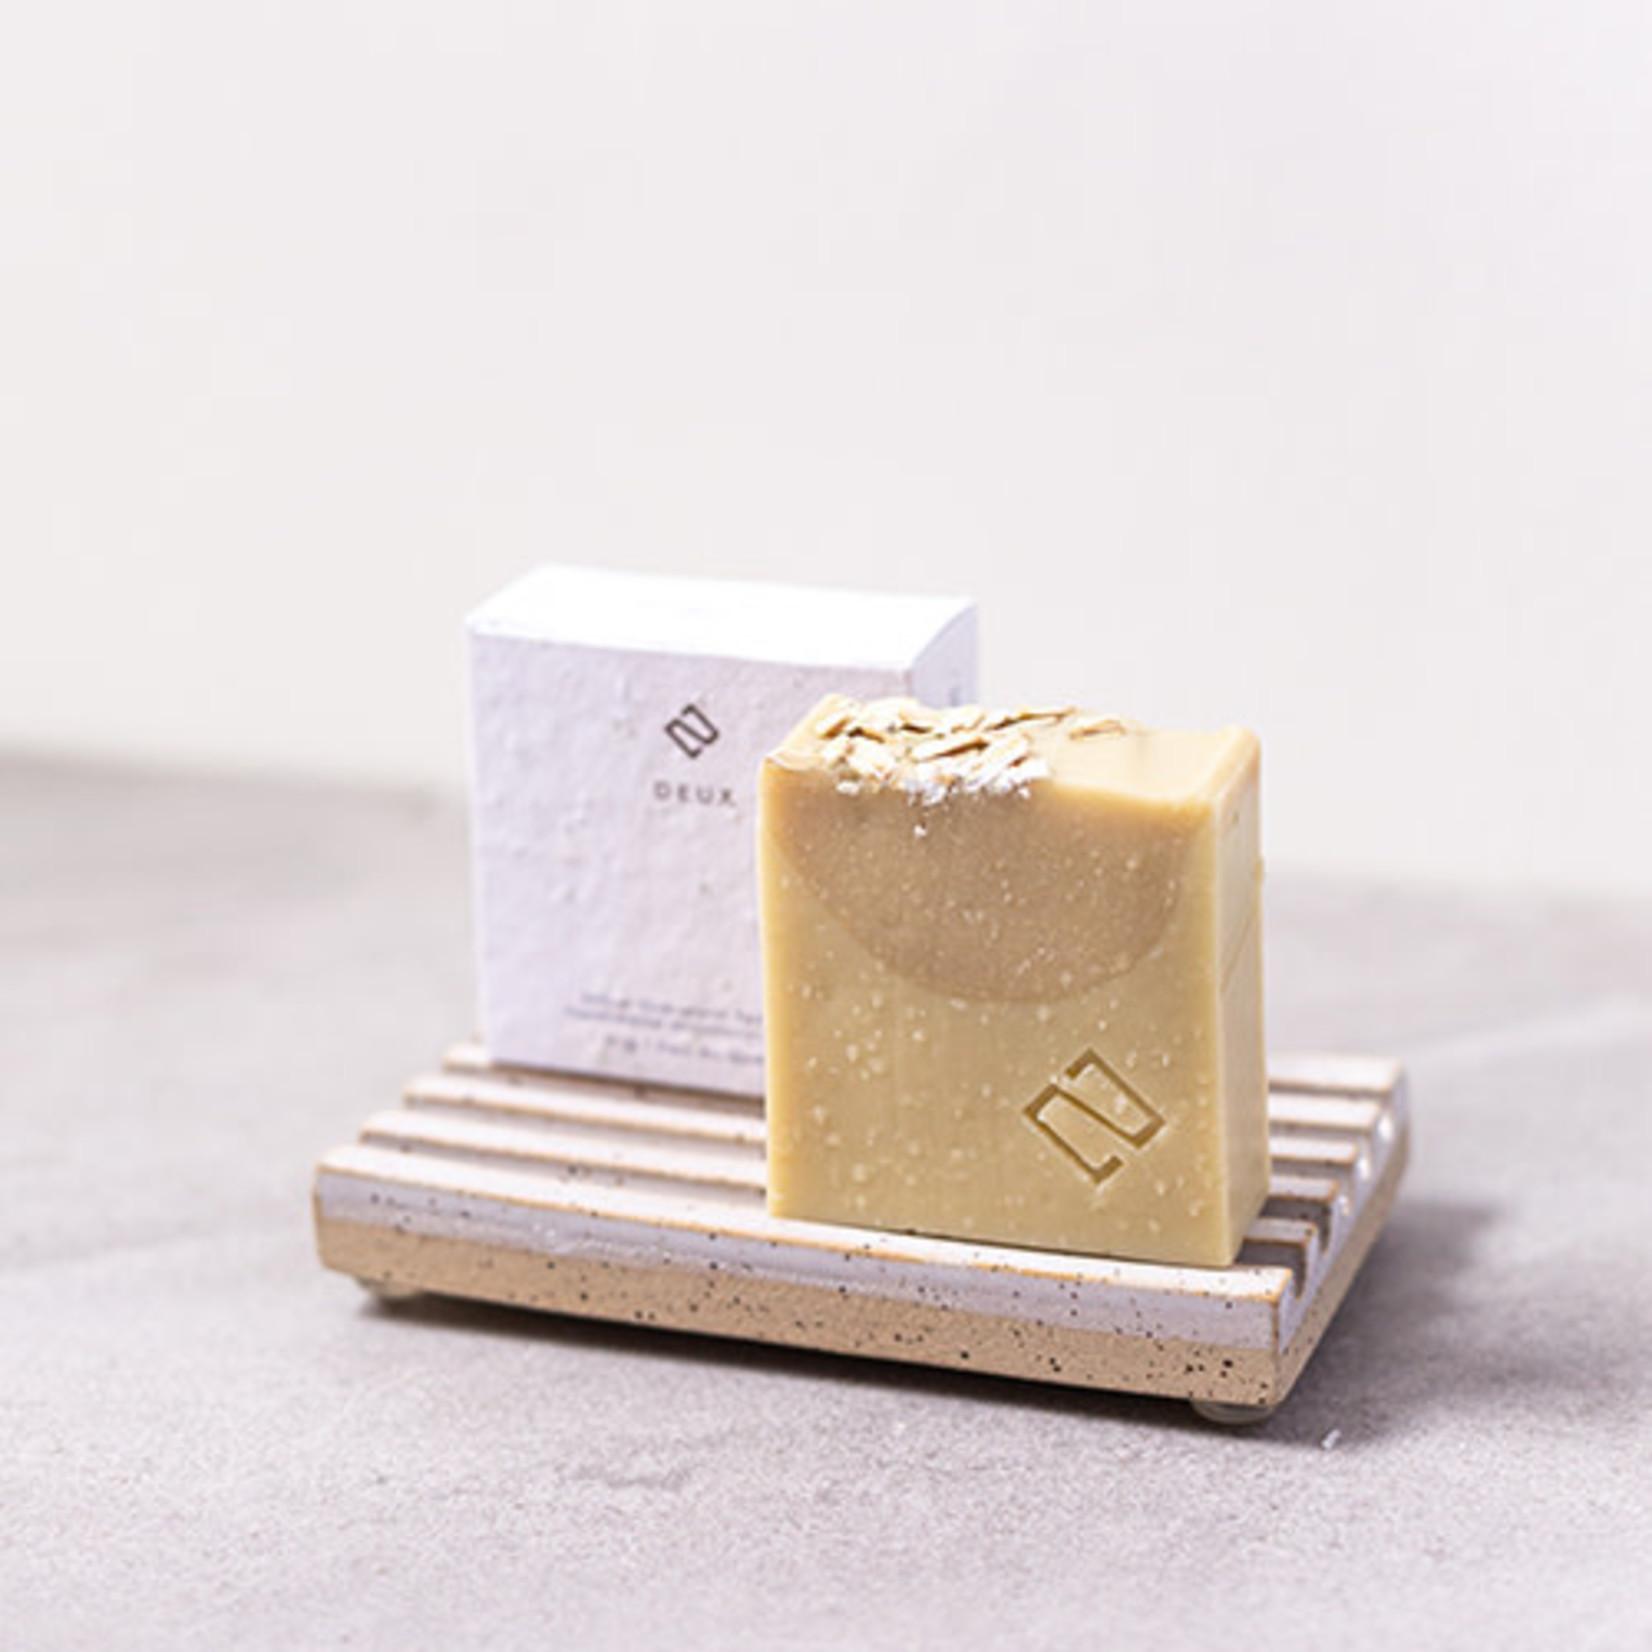 Deux cosmetiques Savon avoine et vanille